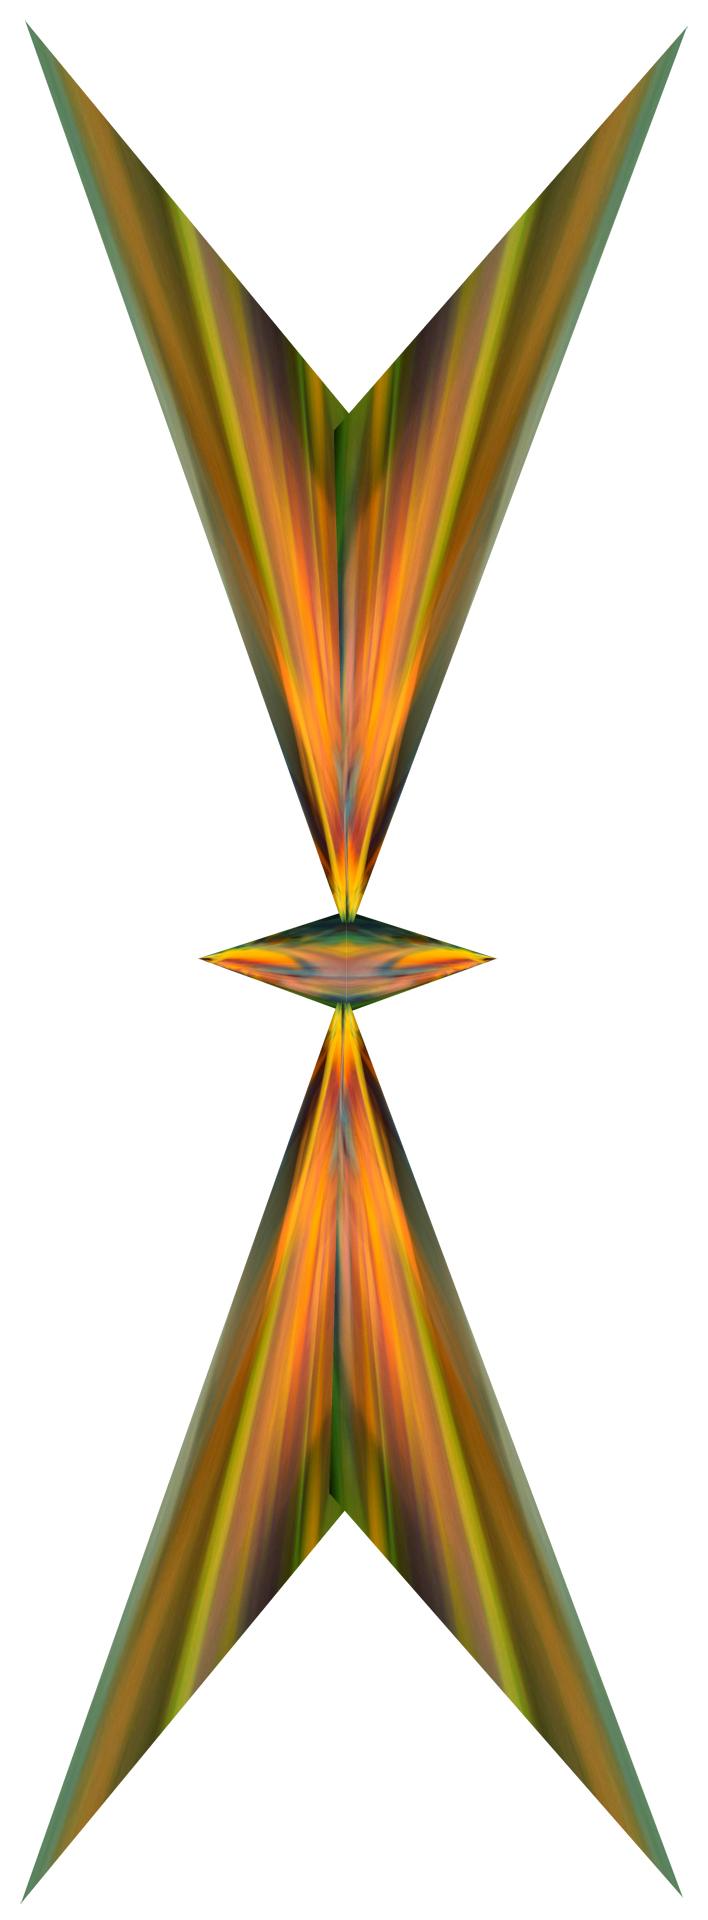 sprite-v1-1920px72dpi.jpg